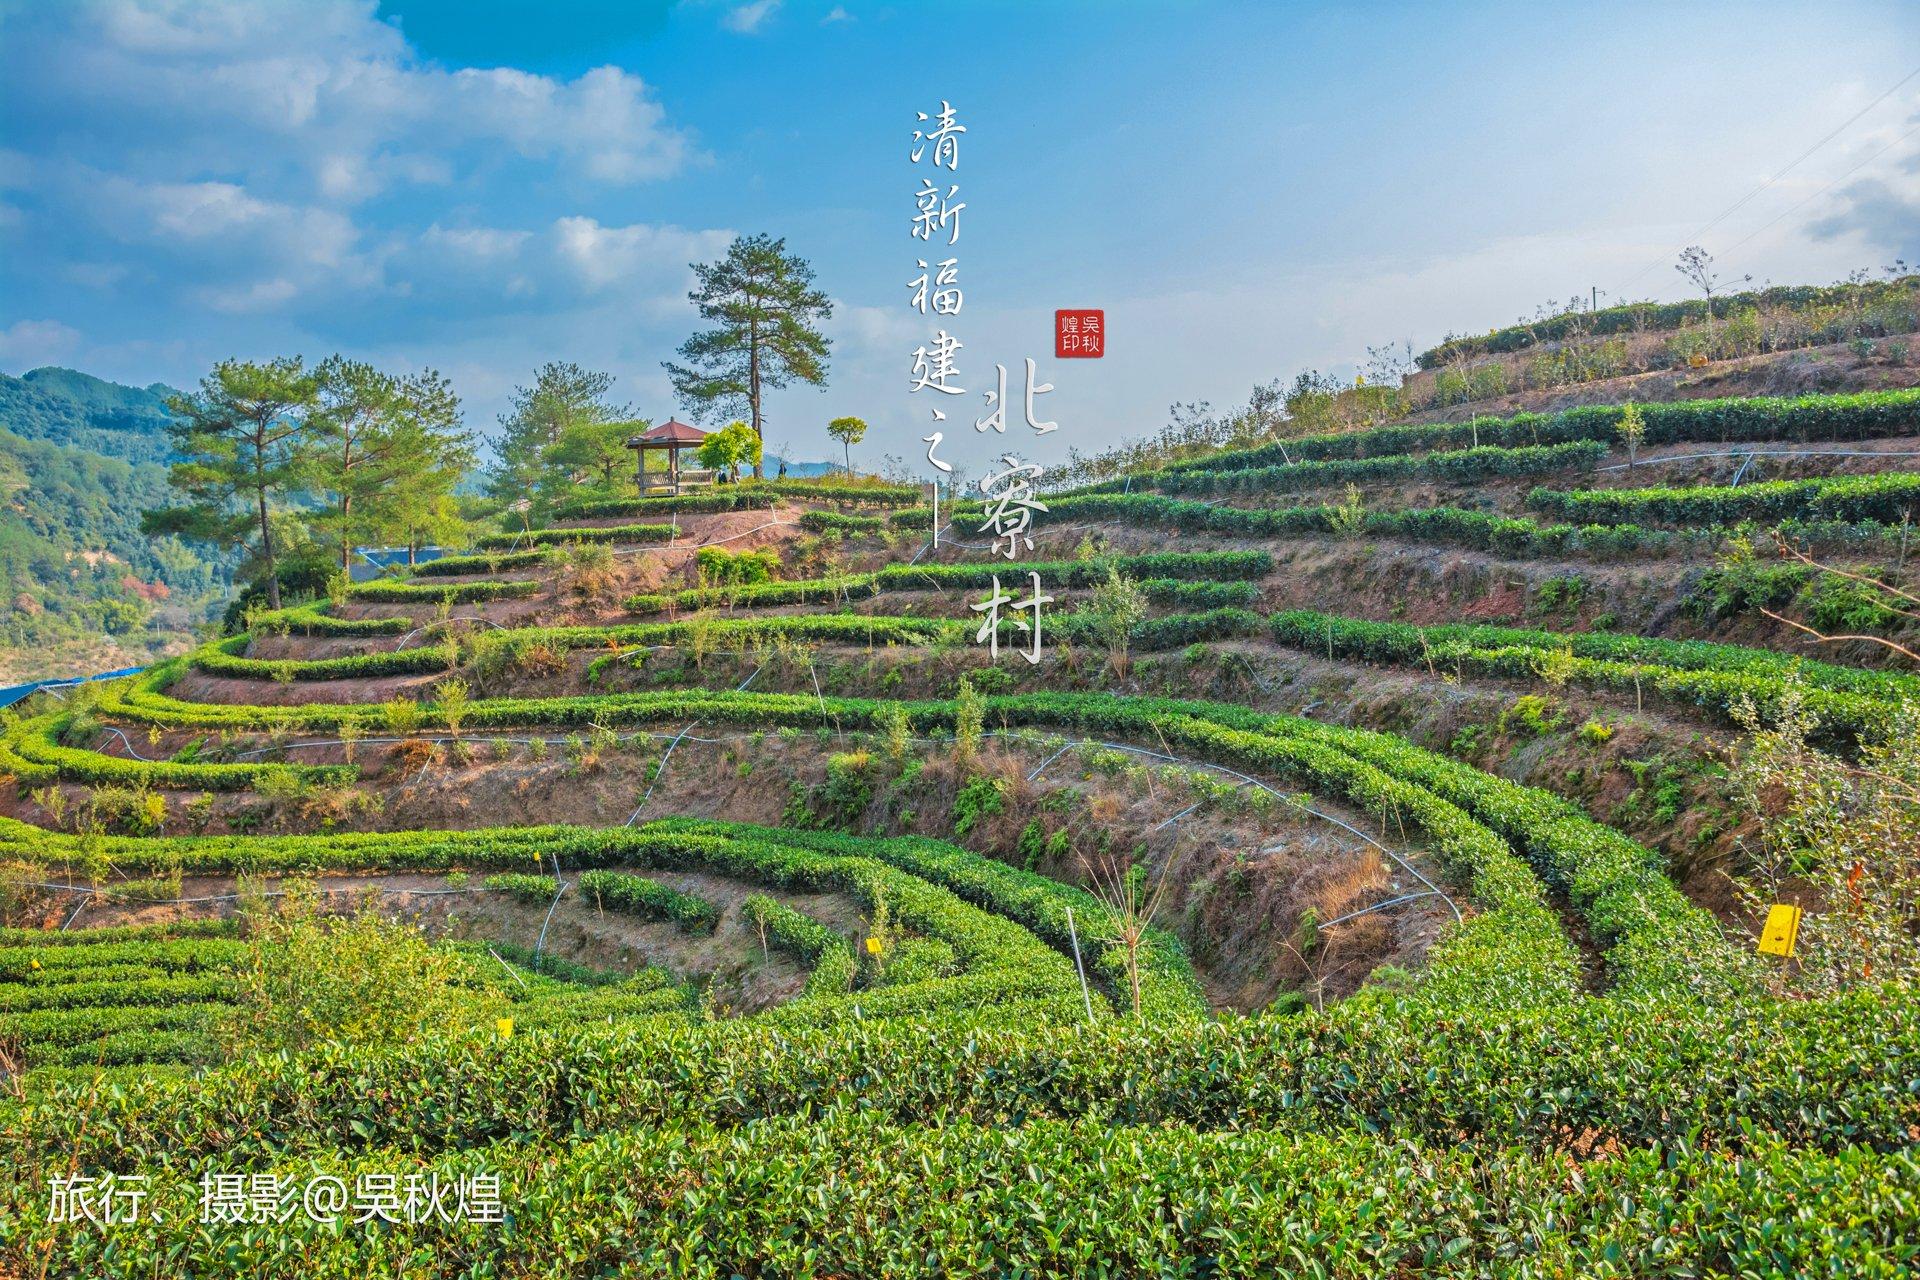 乡村休闲游—北寮村;水上茶乡—九鹏溪。